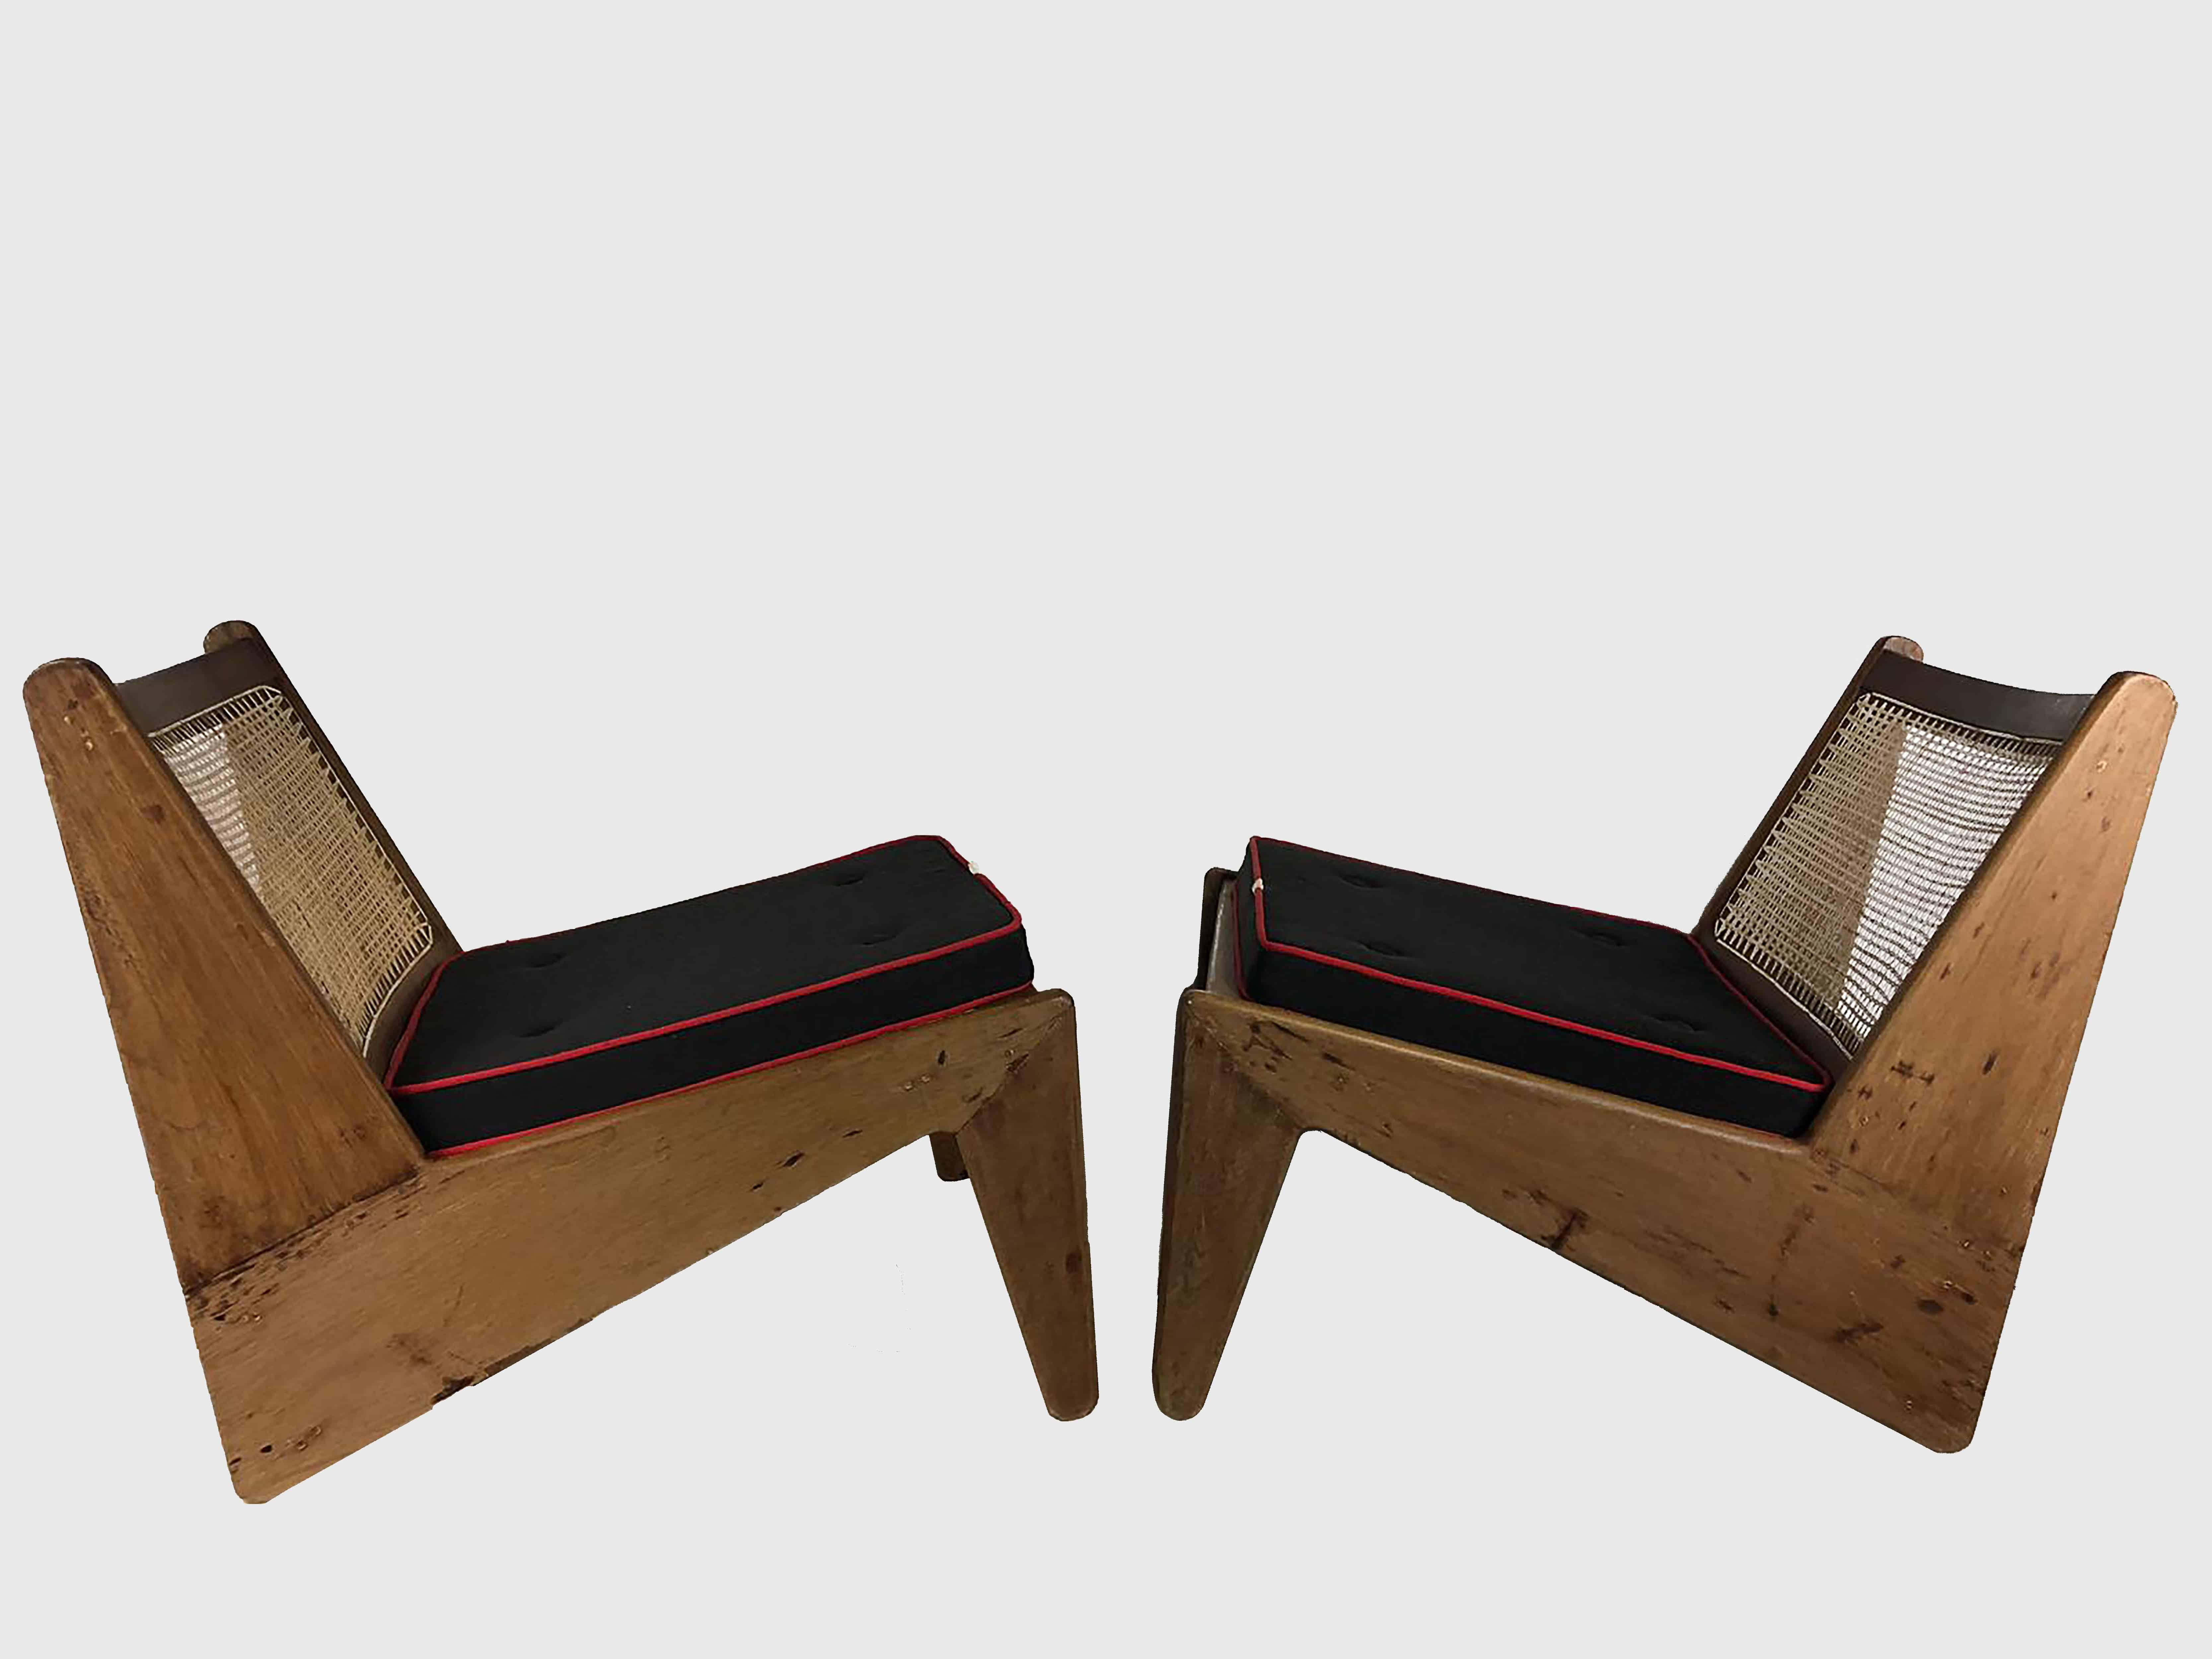 kanagroo chairs